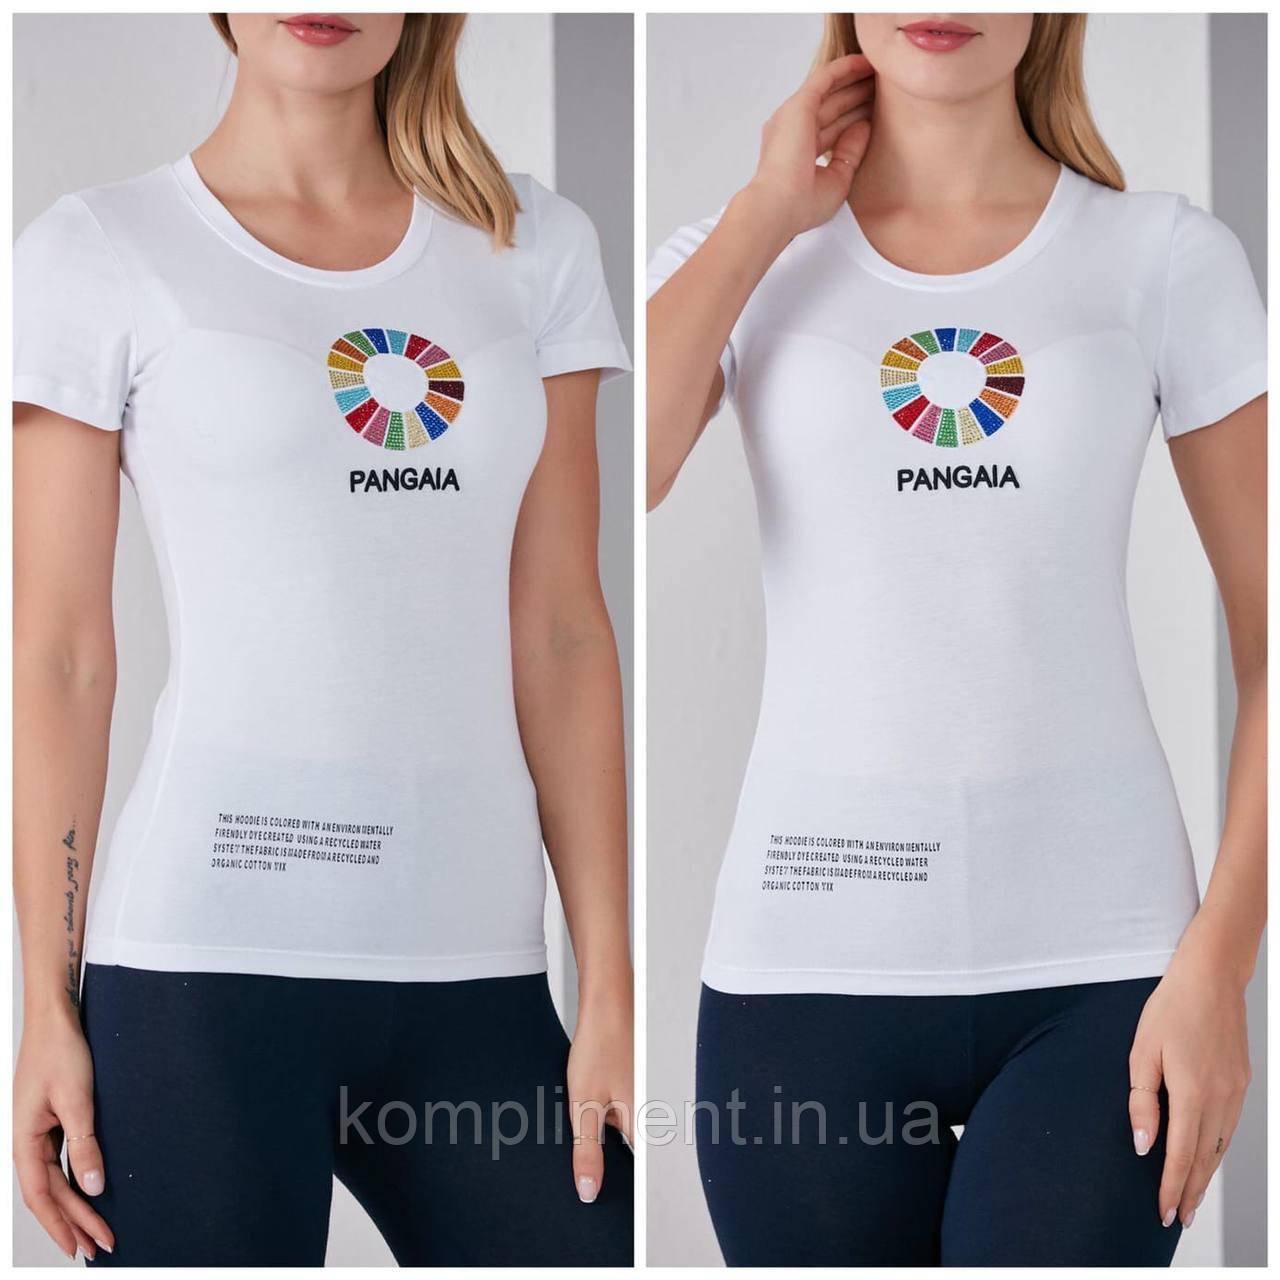 Трикотажная стильная летняя женская футболка с цветным рисунком, белая FP 2056